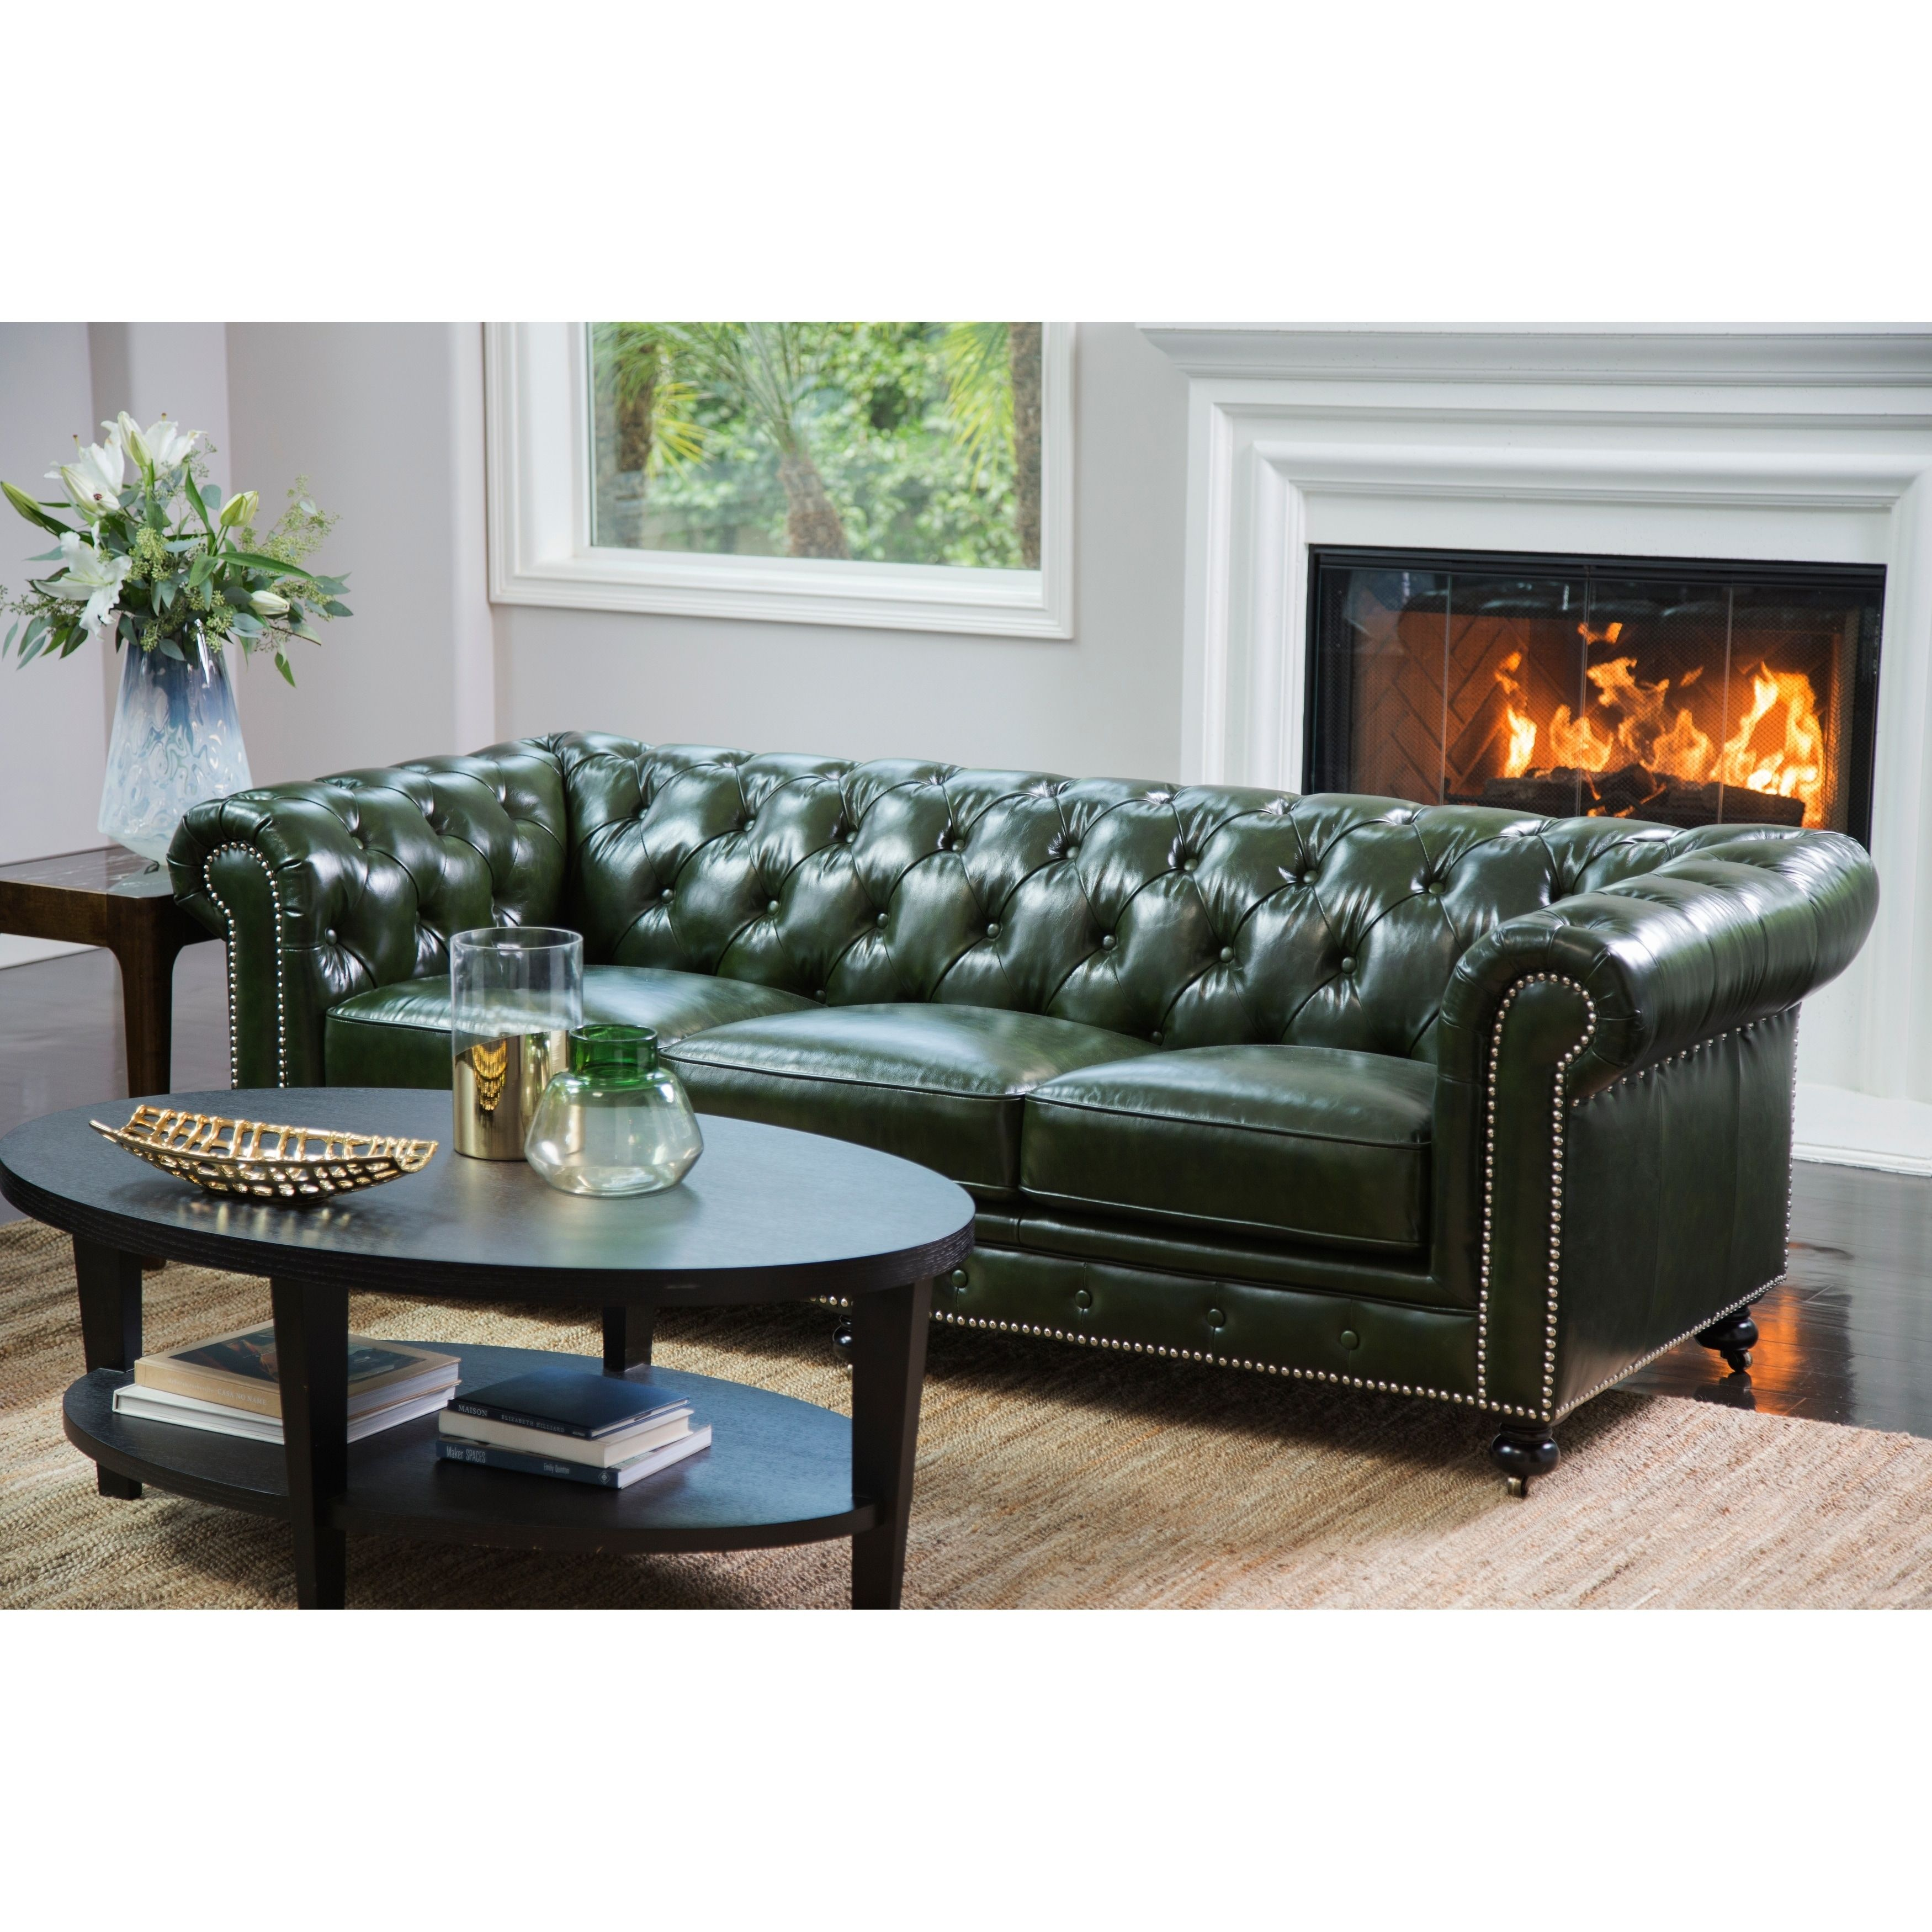 Abbyson Virginia Green Waxed Leather Chesterfield Sofa